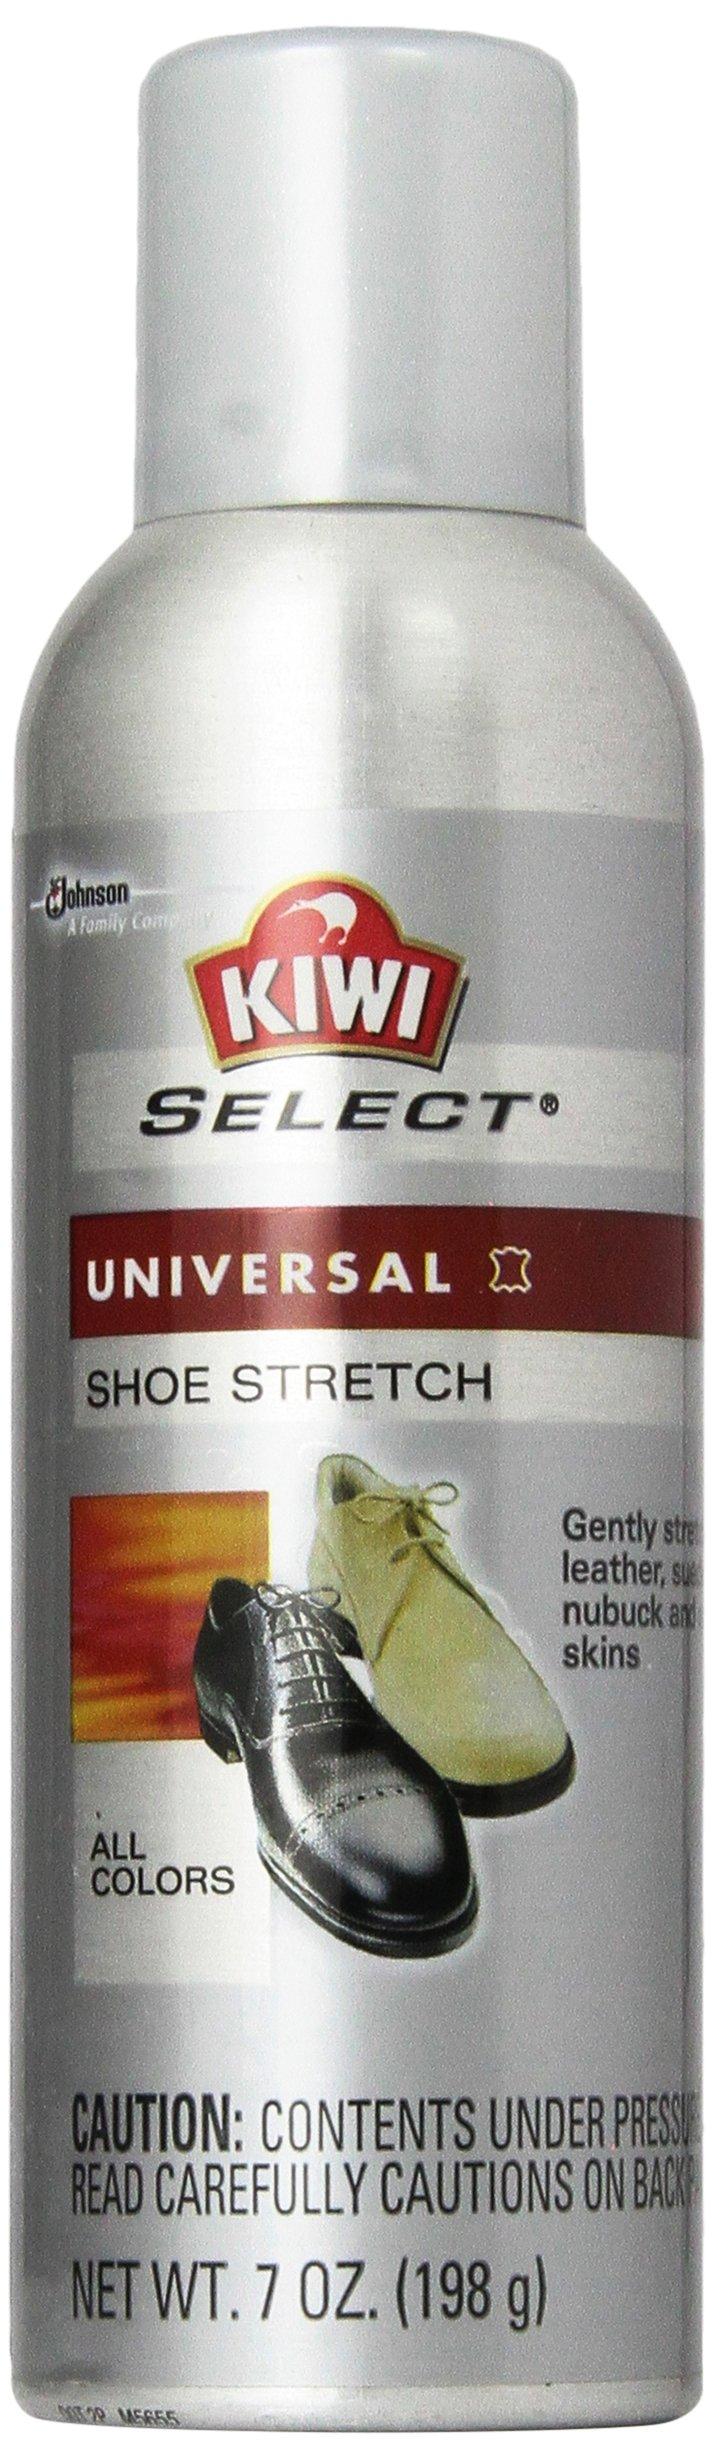 Estiramiento universal para zapatos Kiwi SELECT (1) 7oz.